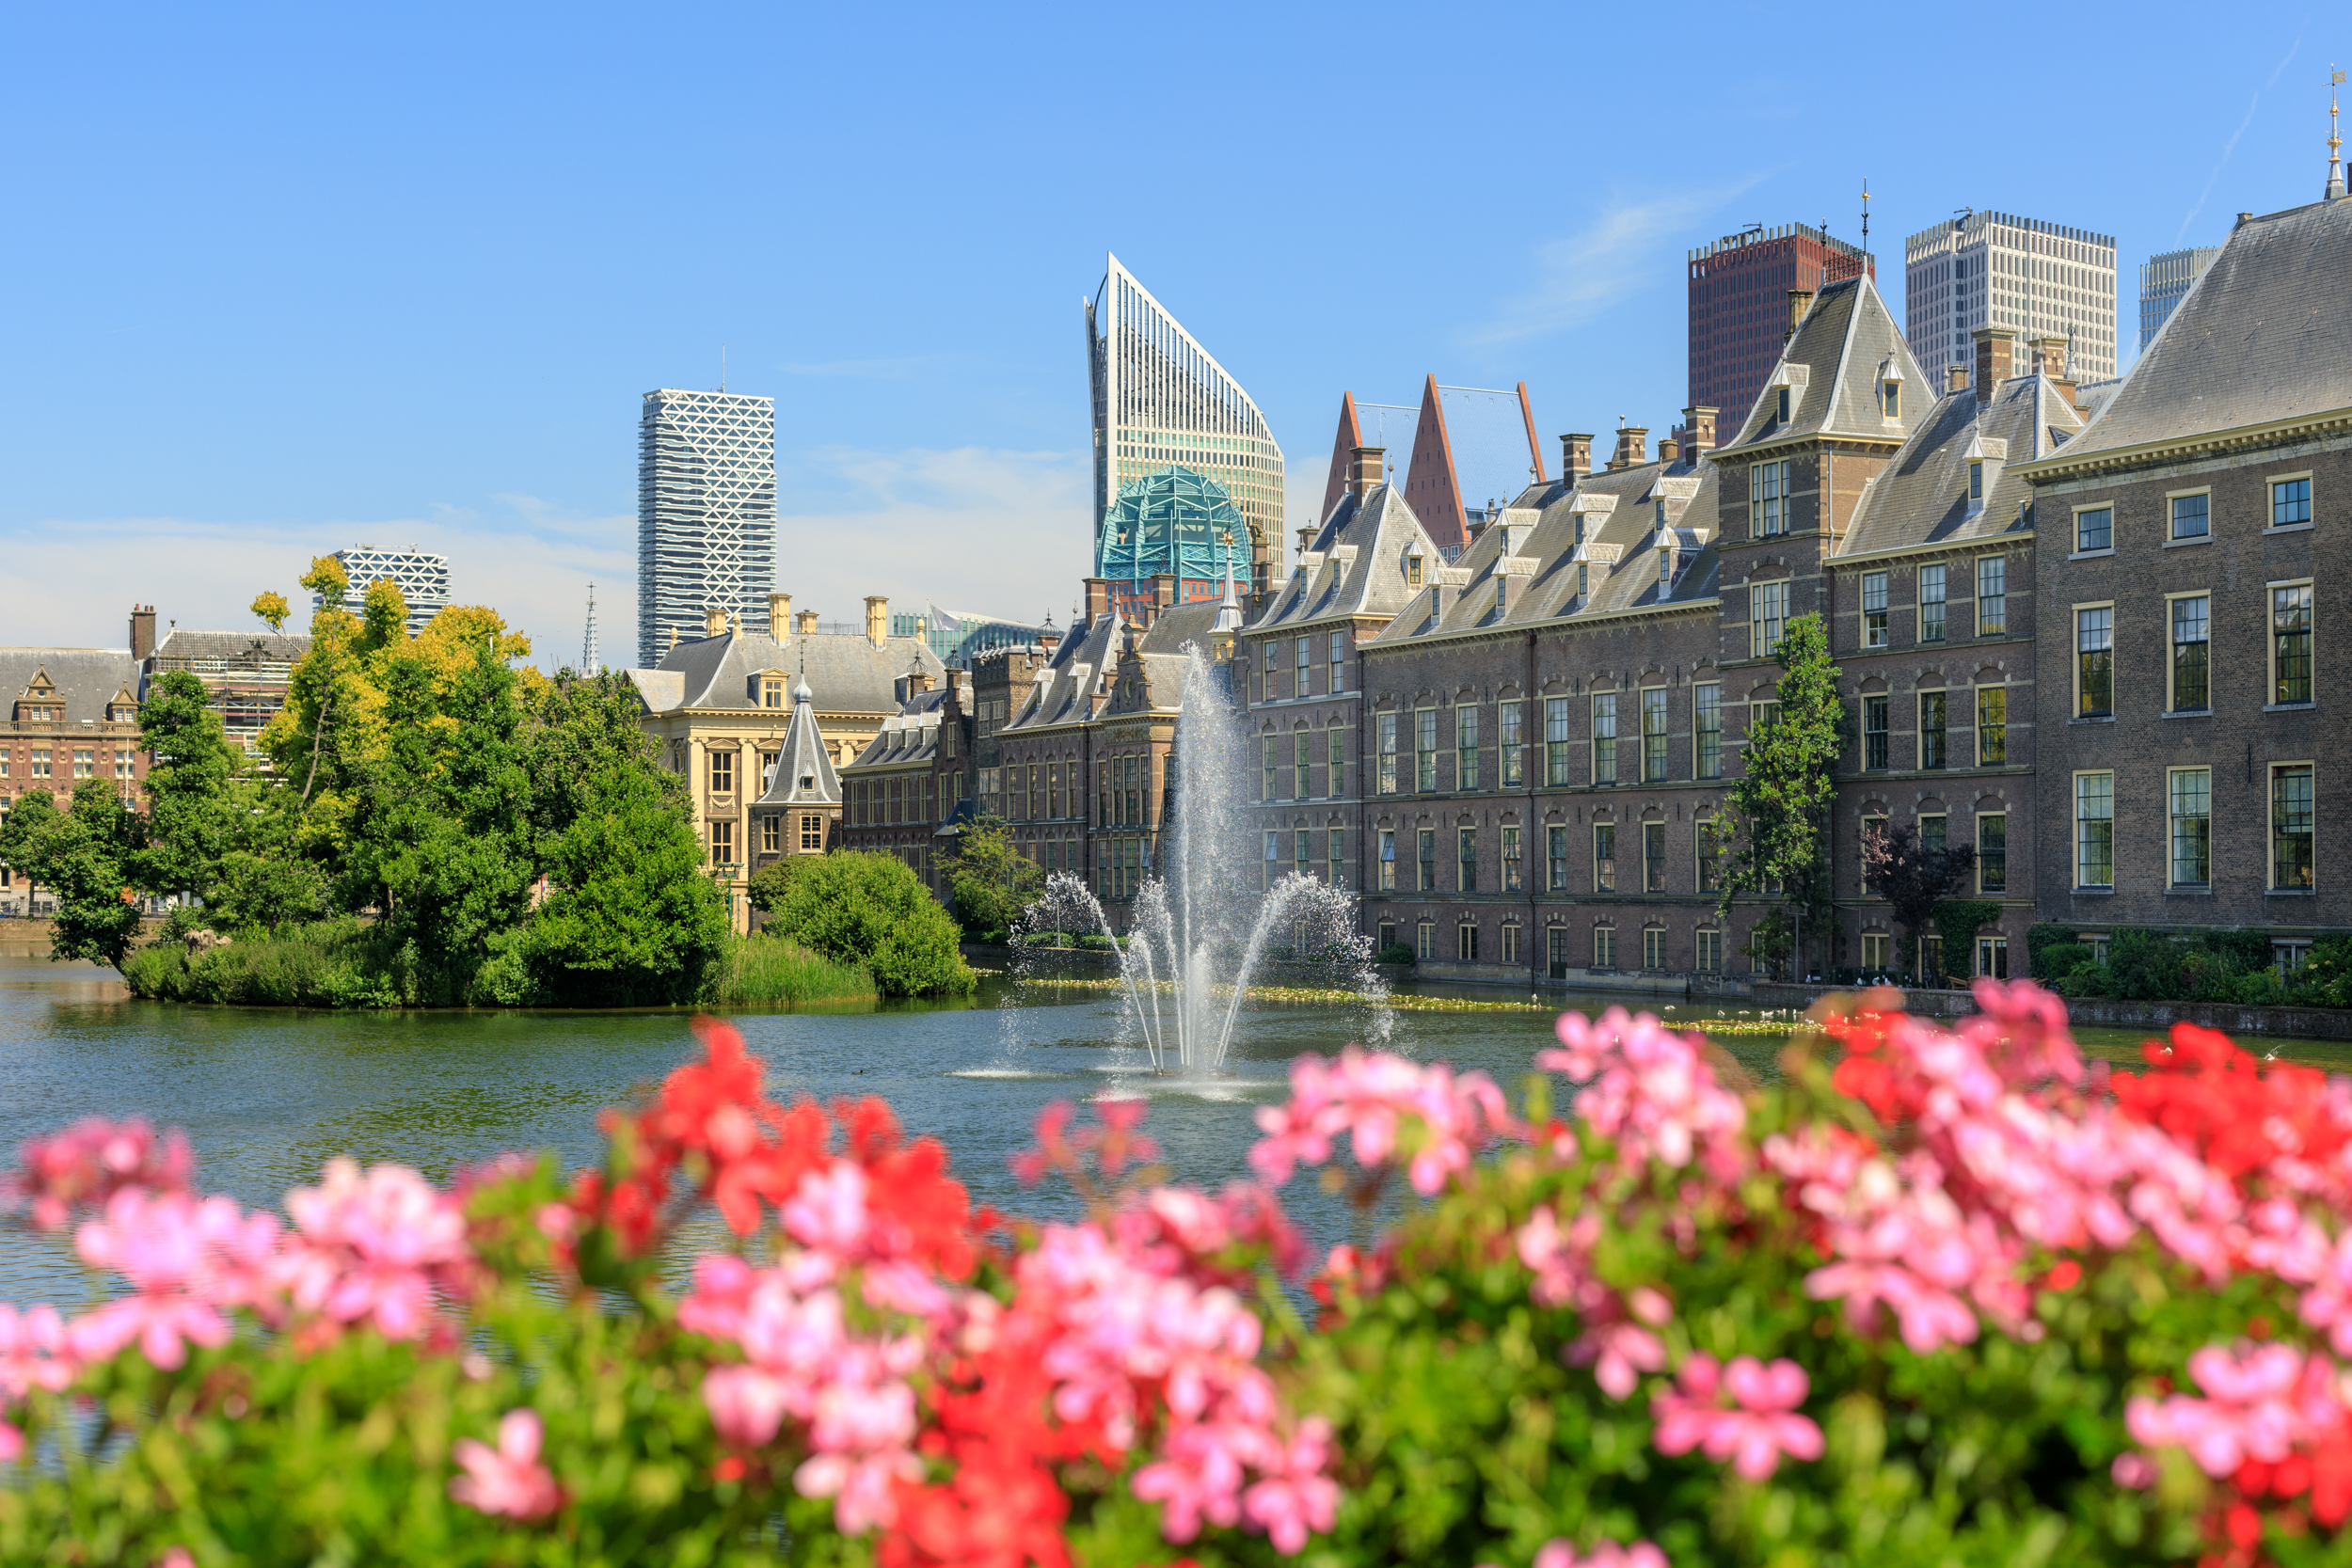 The Hague city | The Hague Cookbook